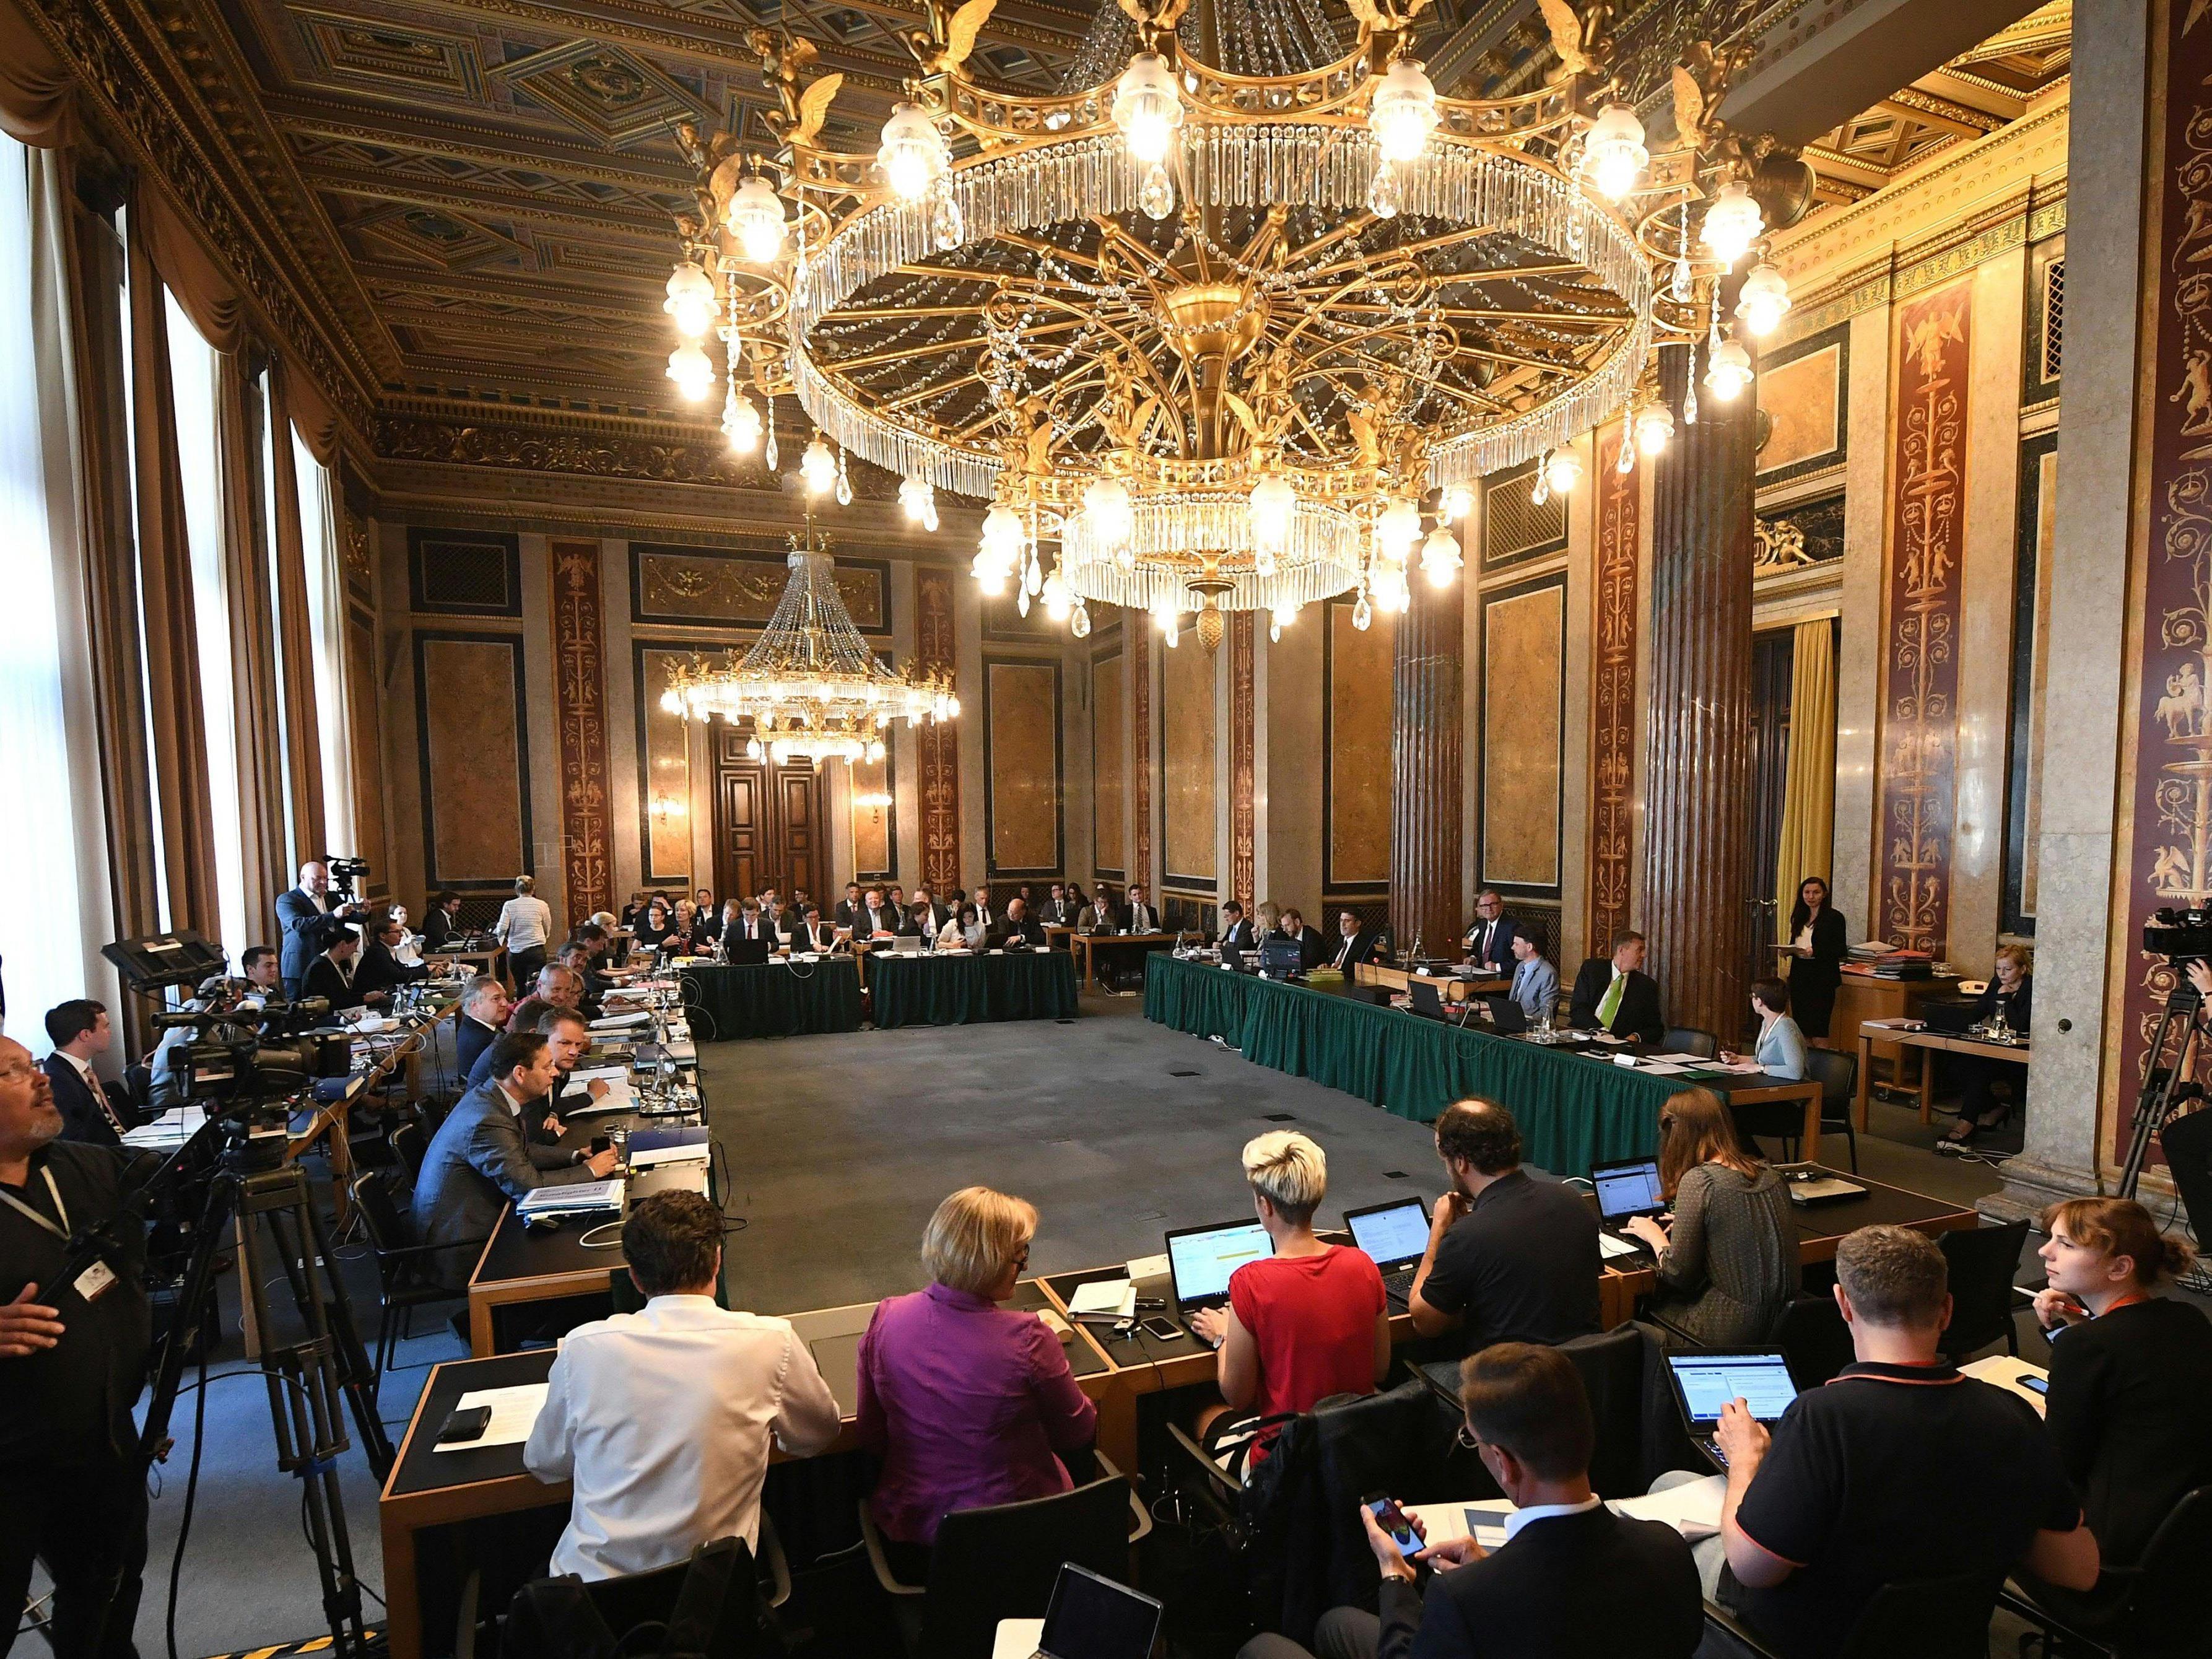 Befragungstag im U-Ausschuss - Rechnungshof kritisierte mangelnde Dokumentation.